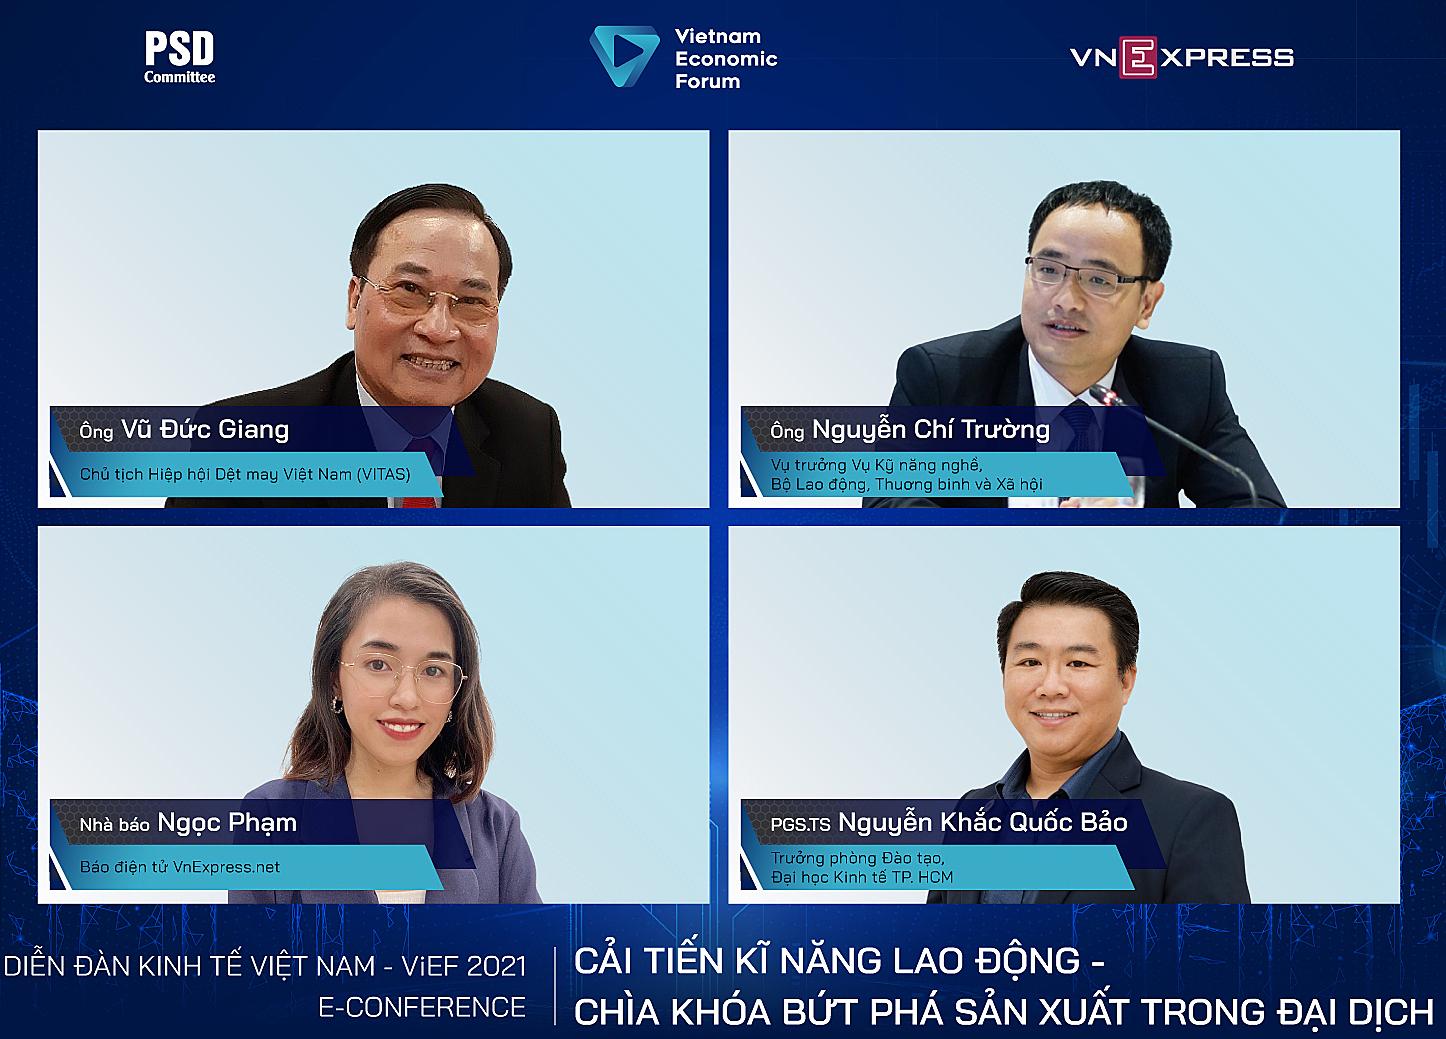 Các diễn giả tham gia tọa đàm lúc 9h ngày 28/9, trực tiếp trên VnExpress.